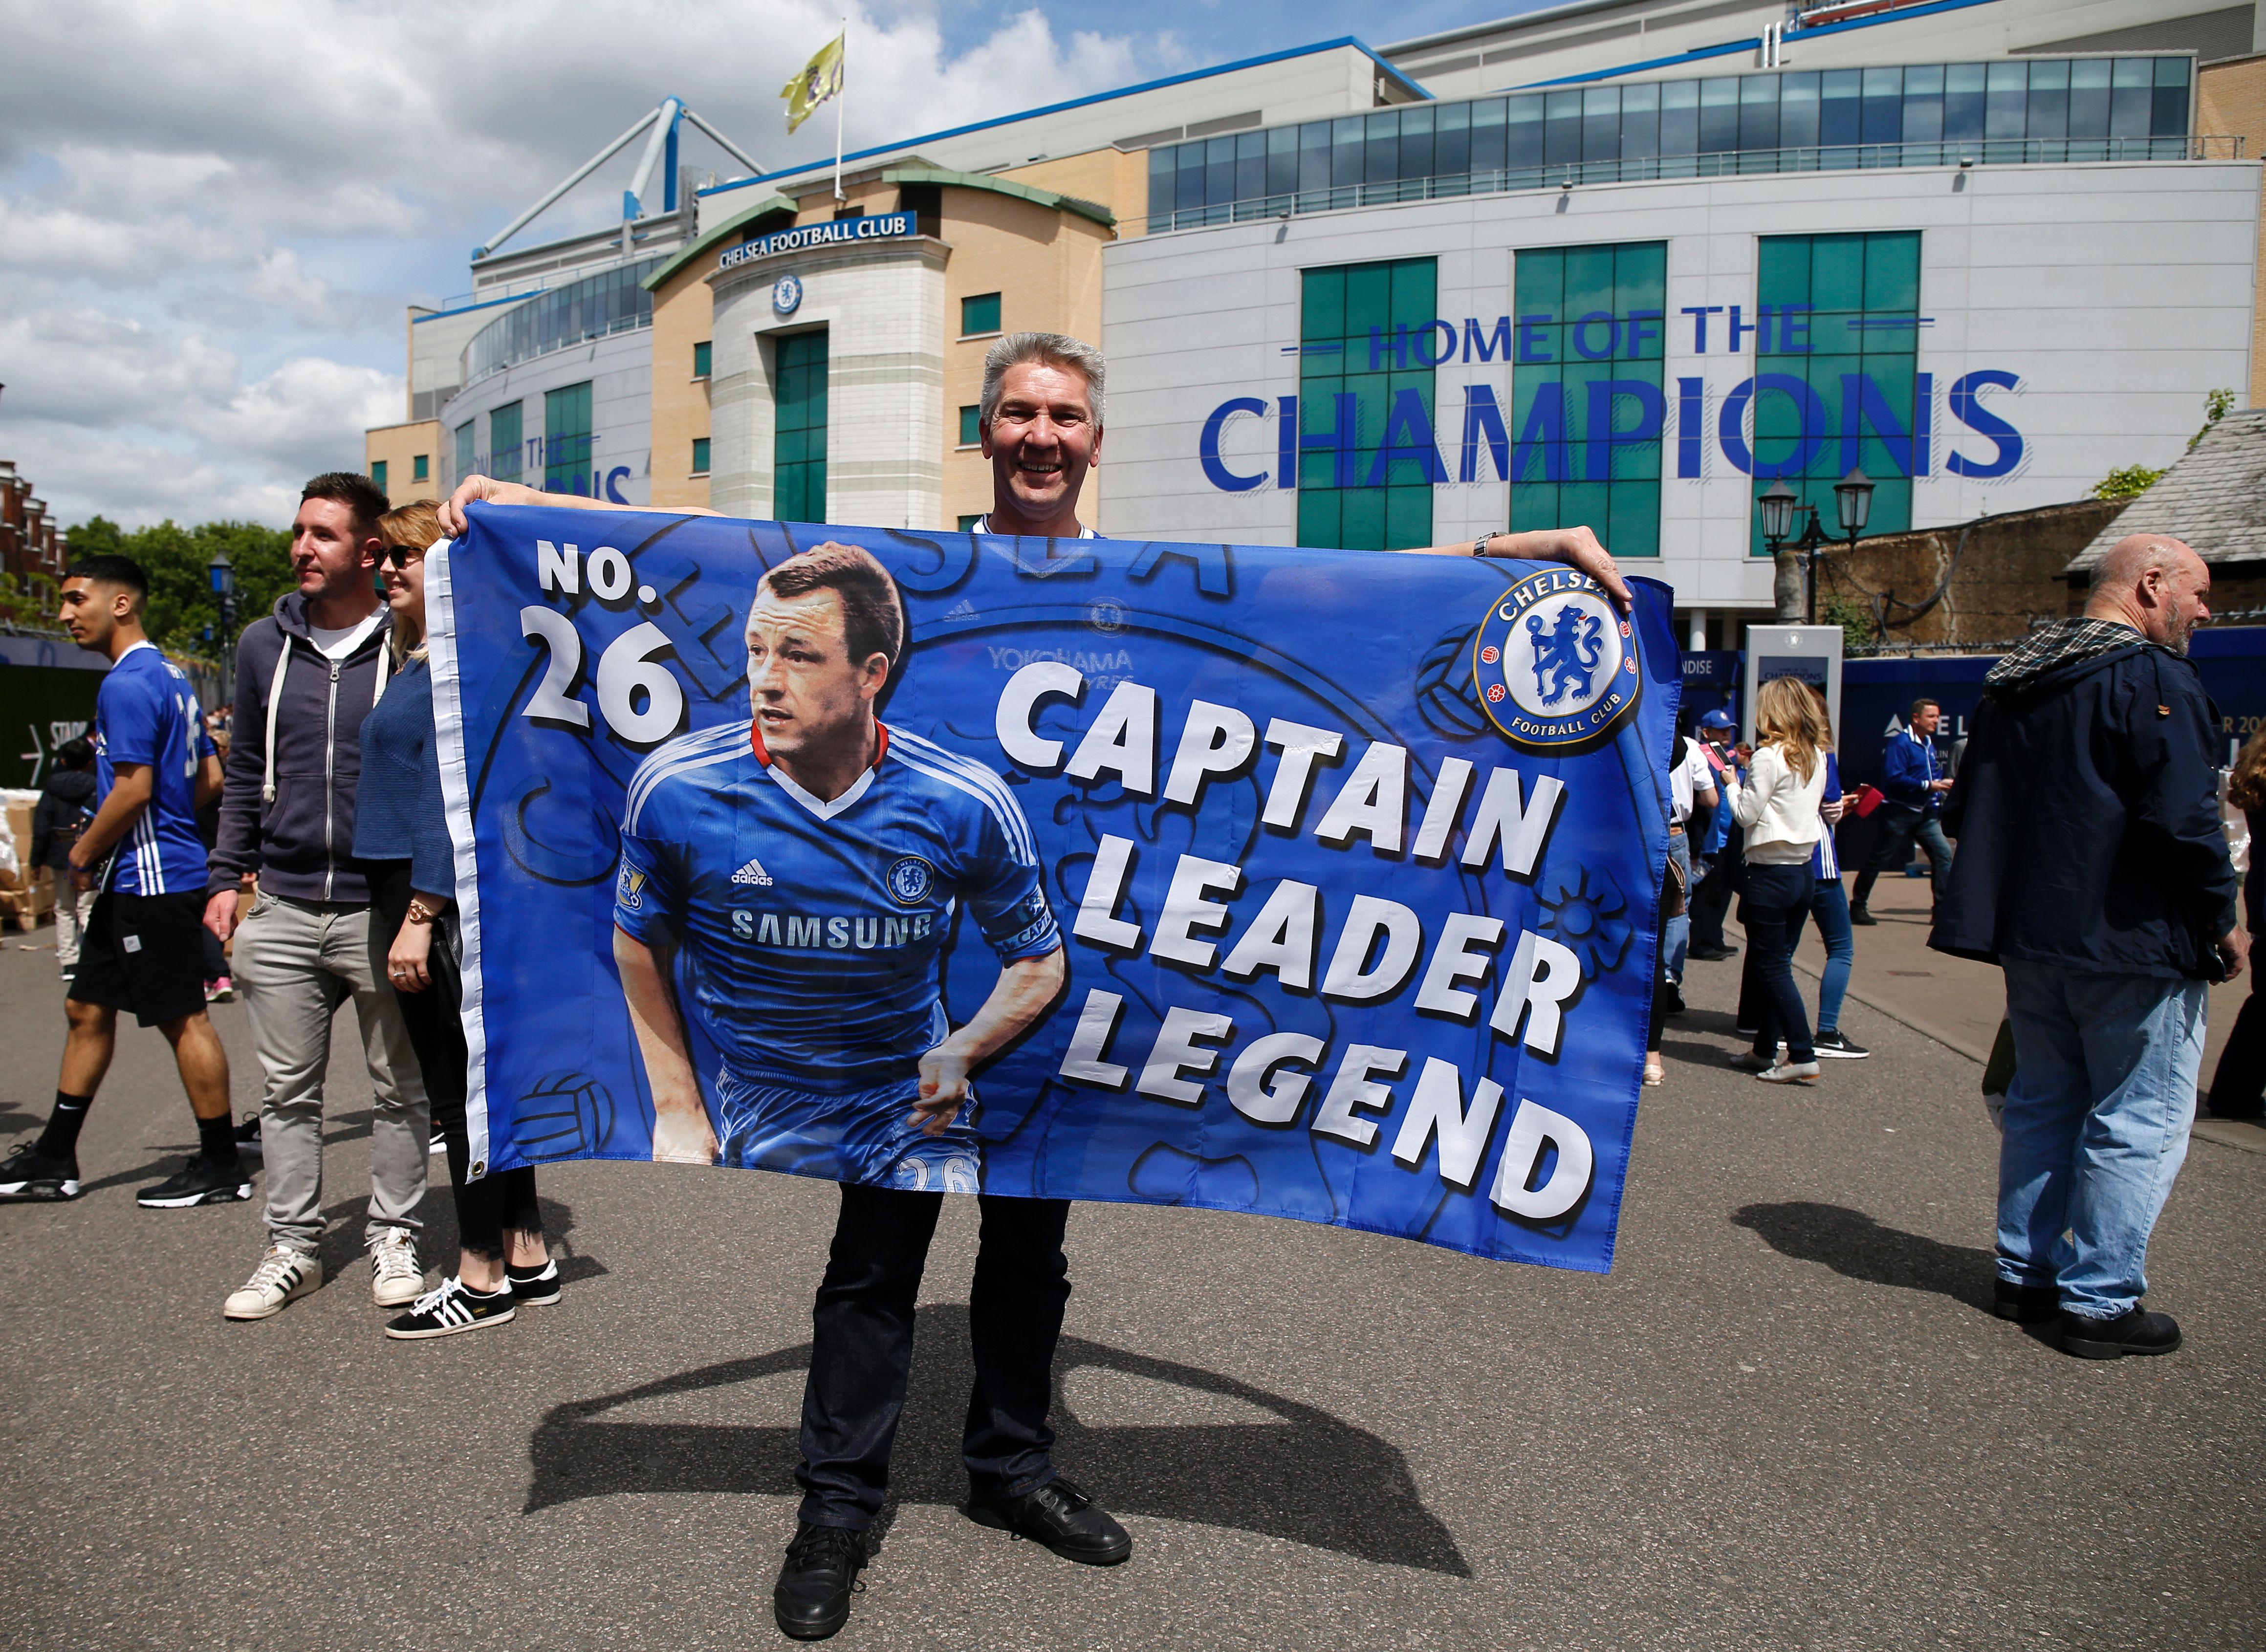 Chelsea v Sunderland team news: John Terry starts in final game for club